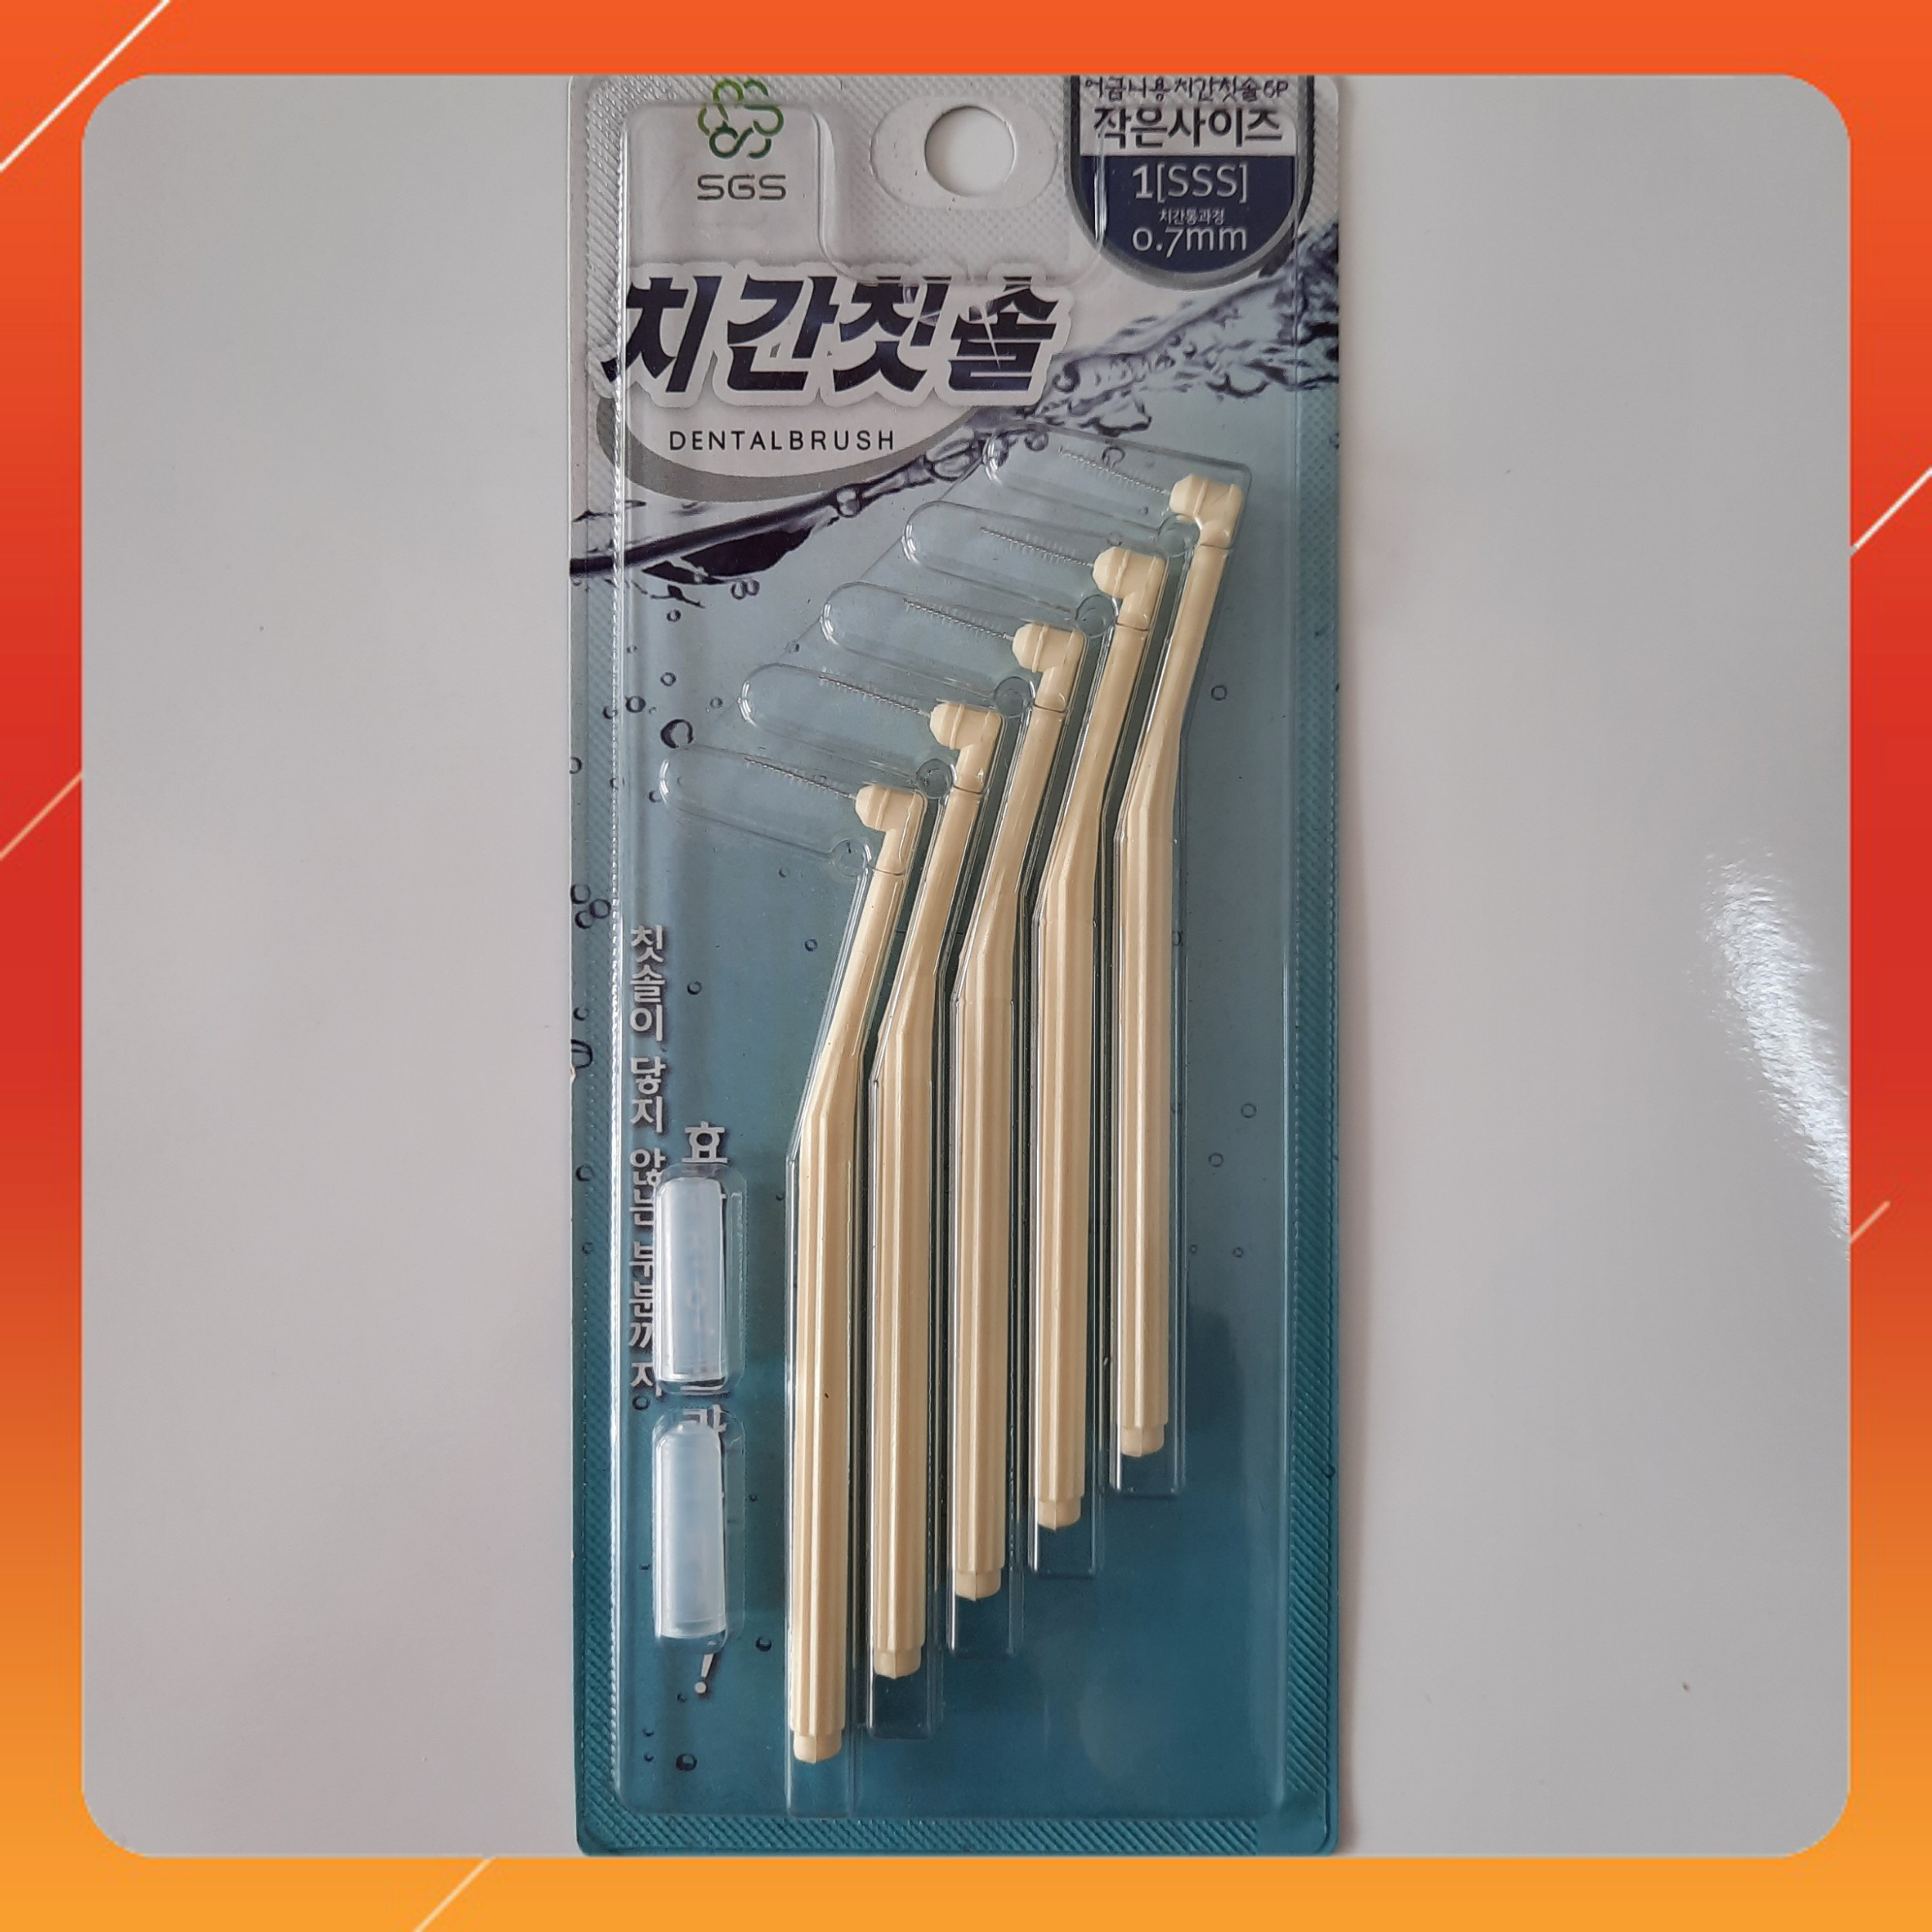 Bàn chải kẽ răng nhập khẩu Hàn Quốc (Size 3S 0.7 mm) - SGS Hàn Quốc